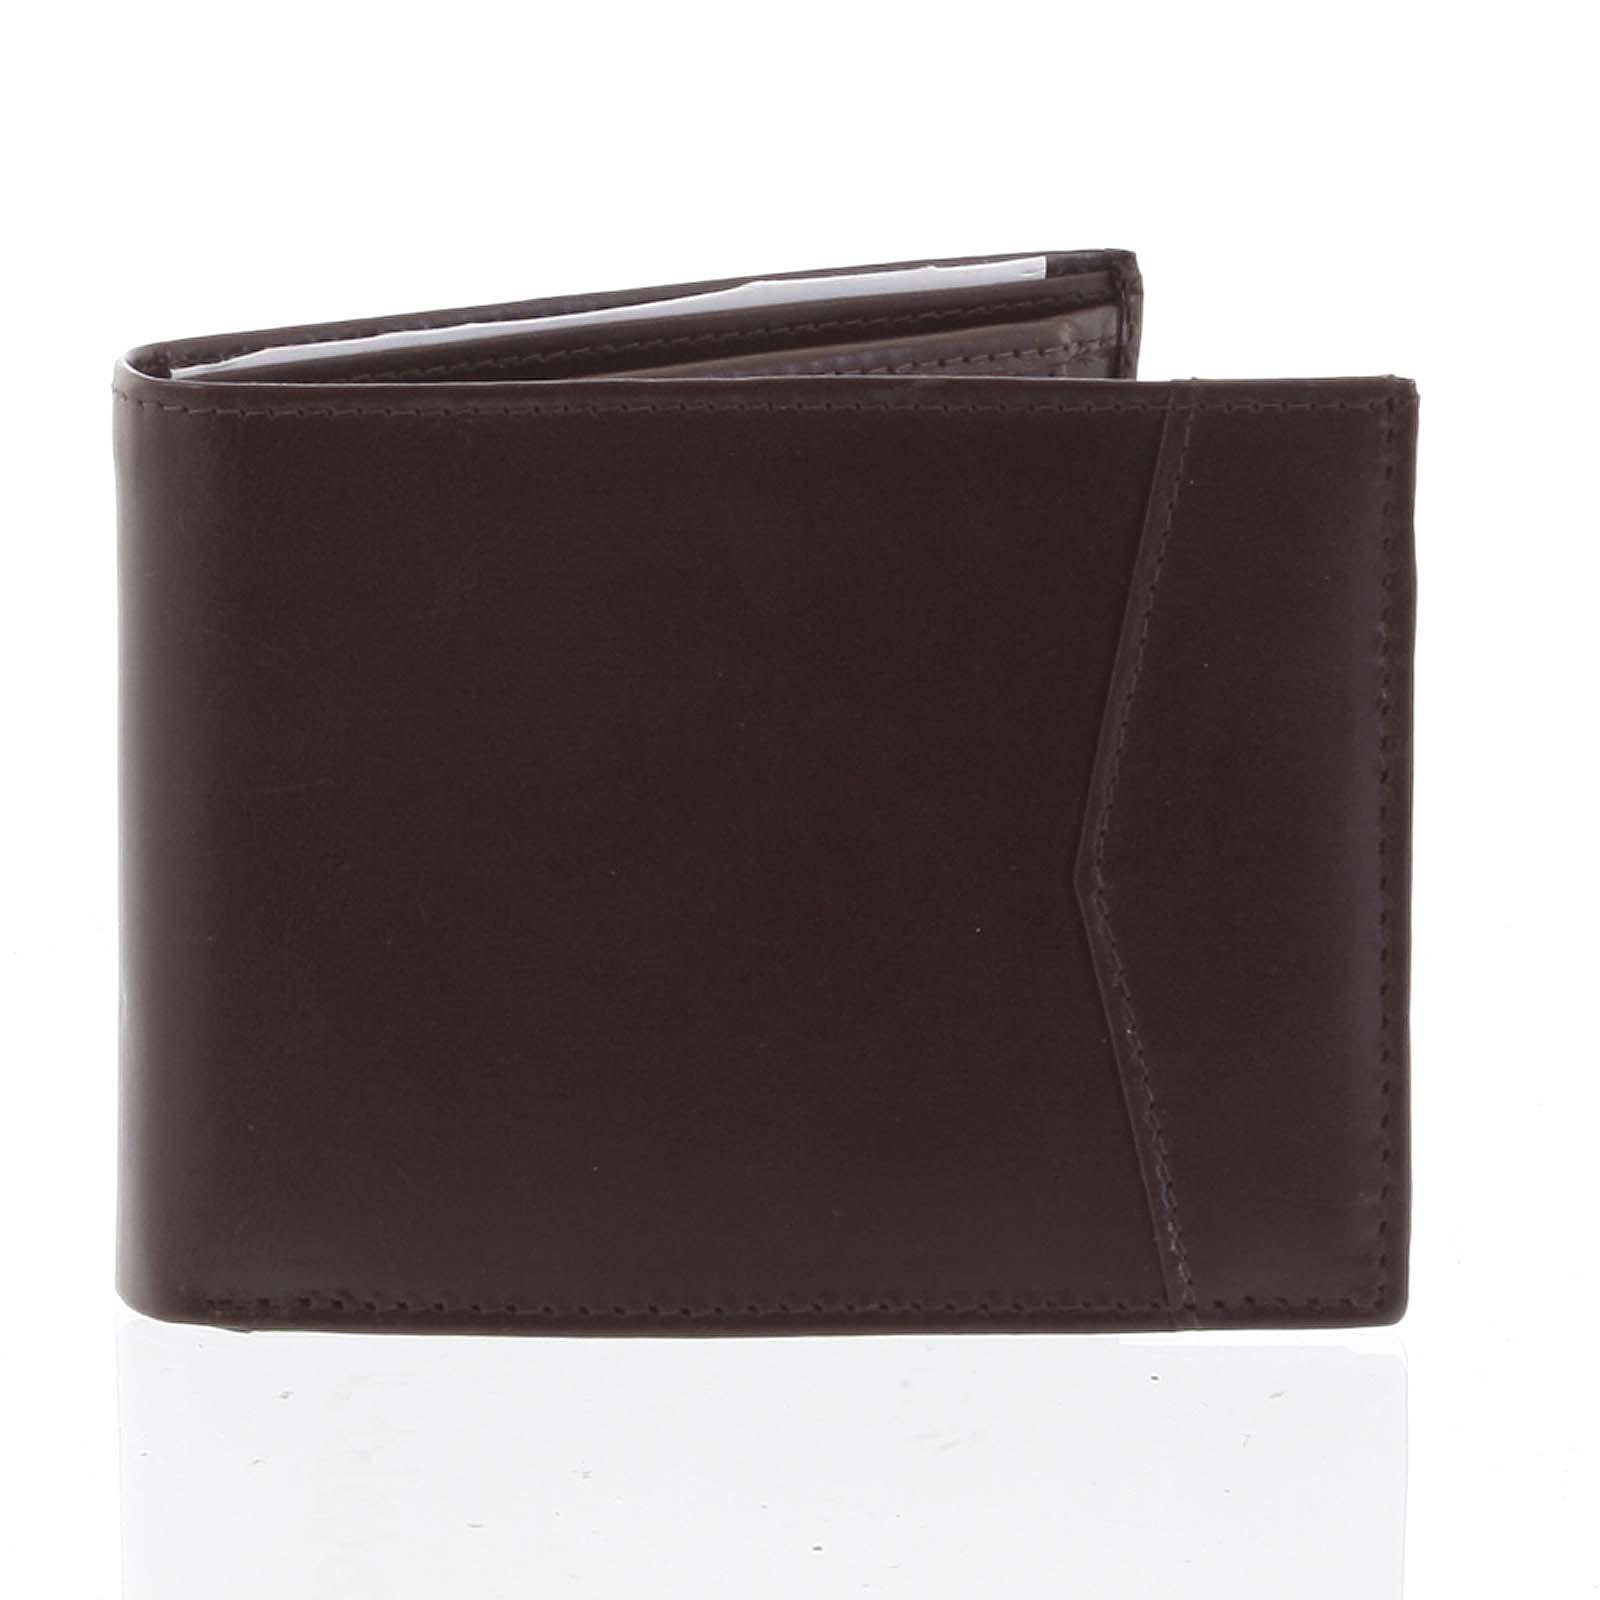 Pánská hnědá kožená volná peněženka - Tomas Paast